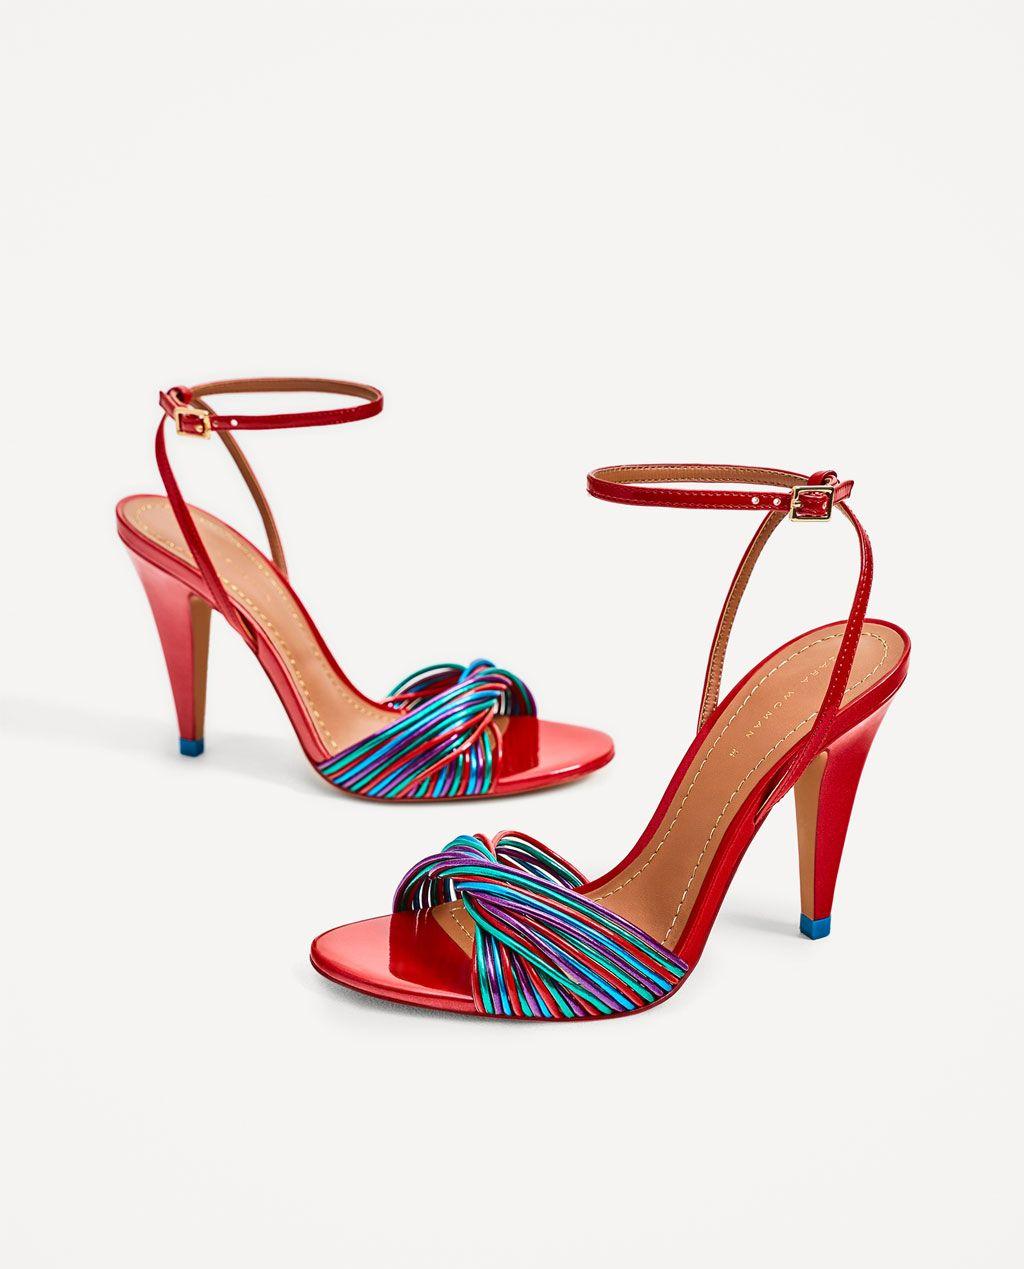 Zapatos Y Pinterest Multicolor Sandalia Sandals Shoes Tiras zgAanv